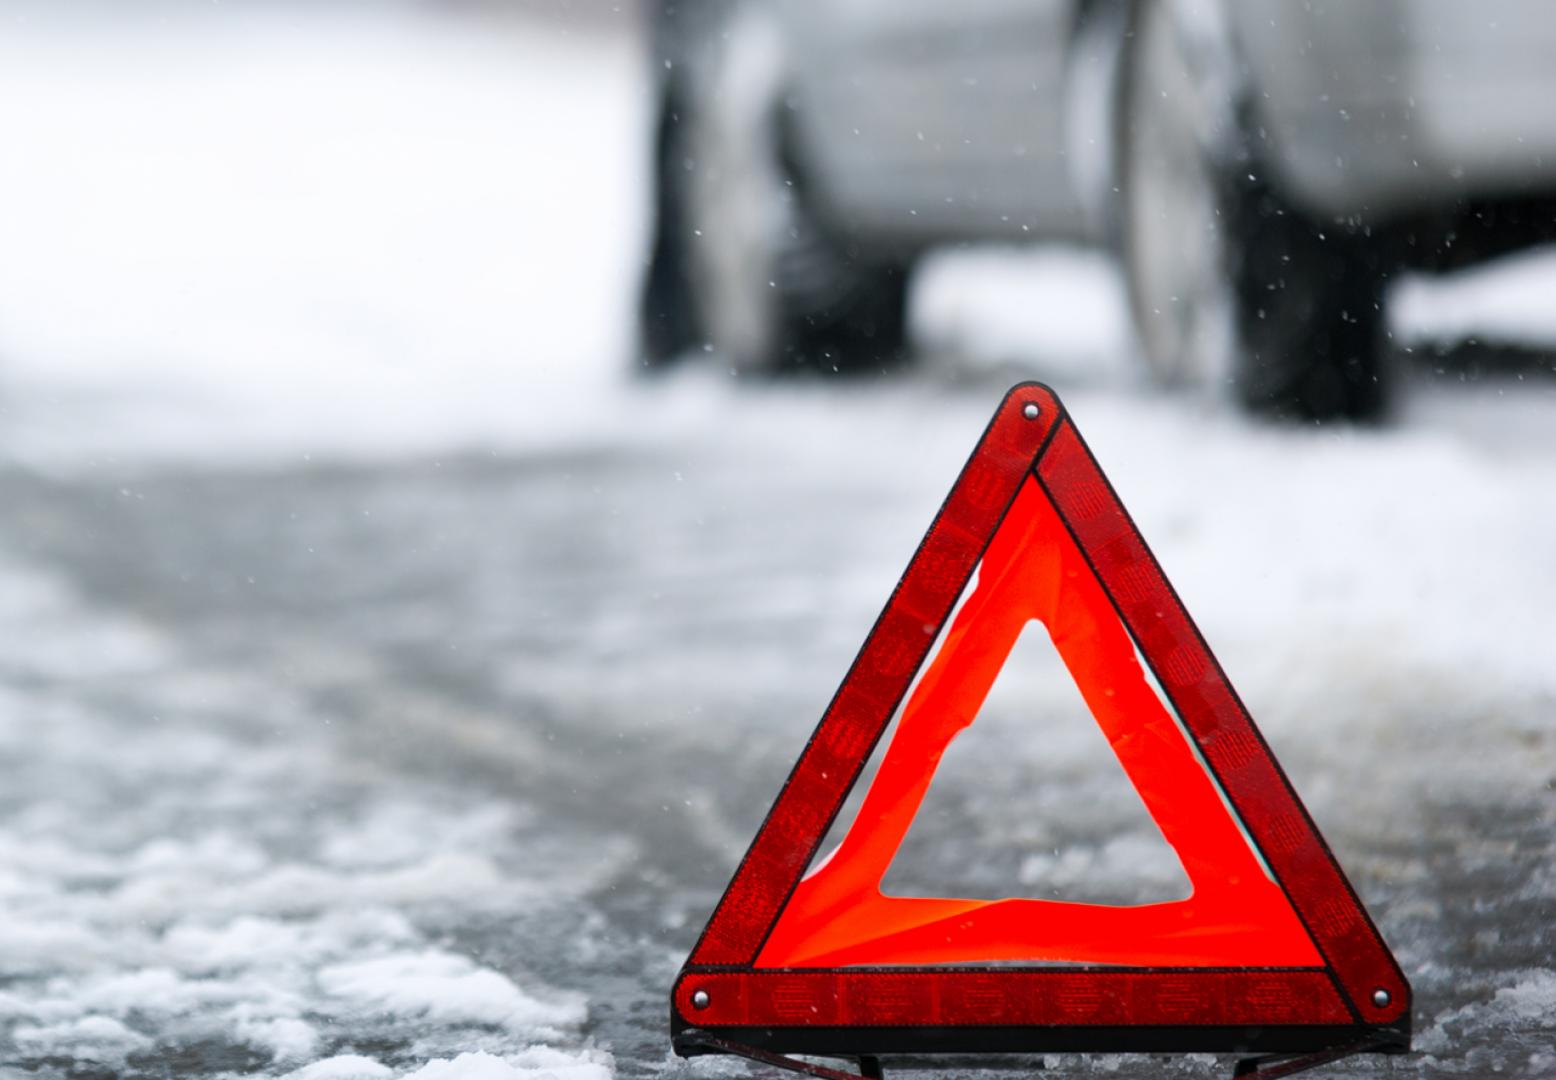 Peugeot и Daewoo не поделили дорогу в Тверской области, есть пострадавшая